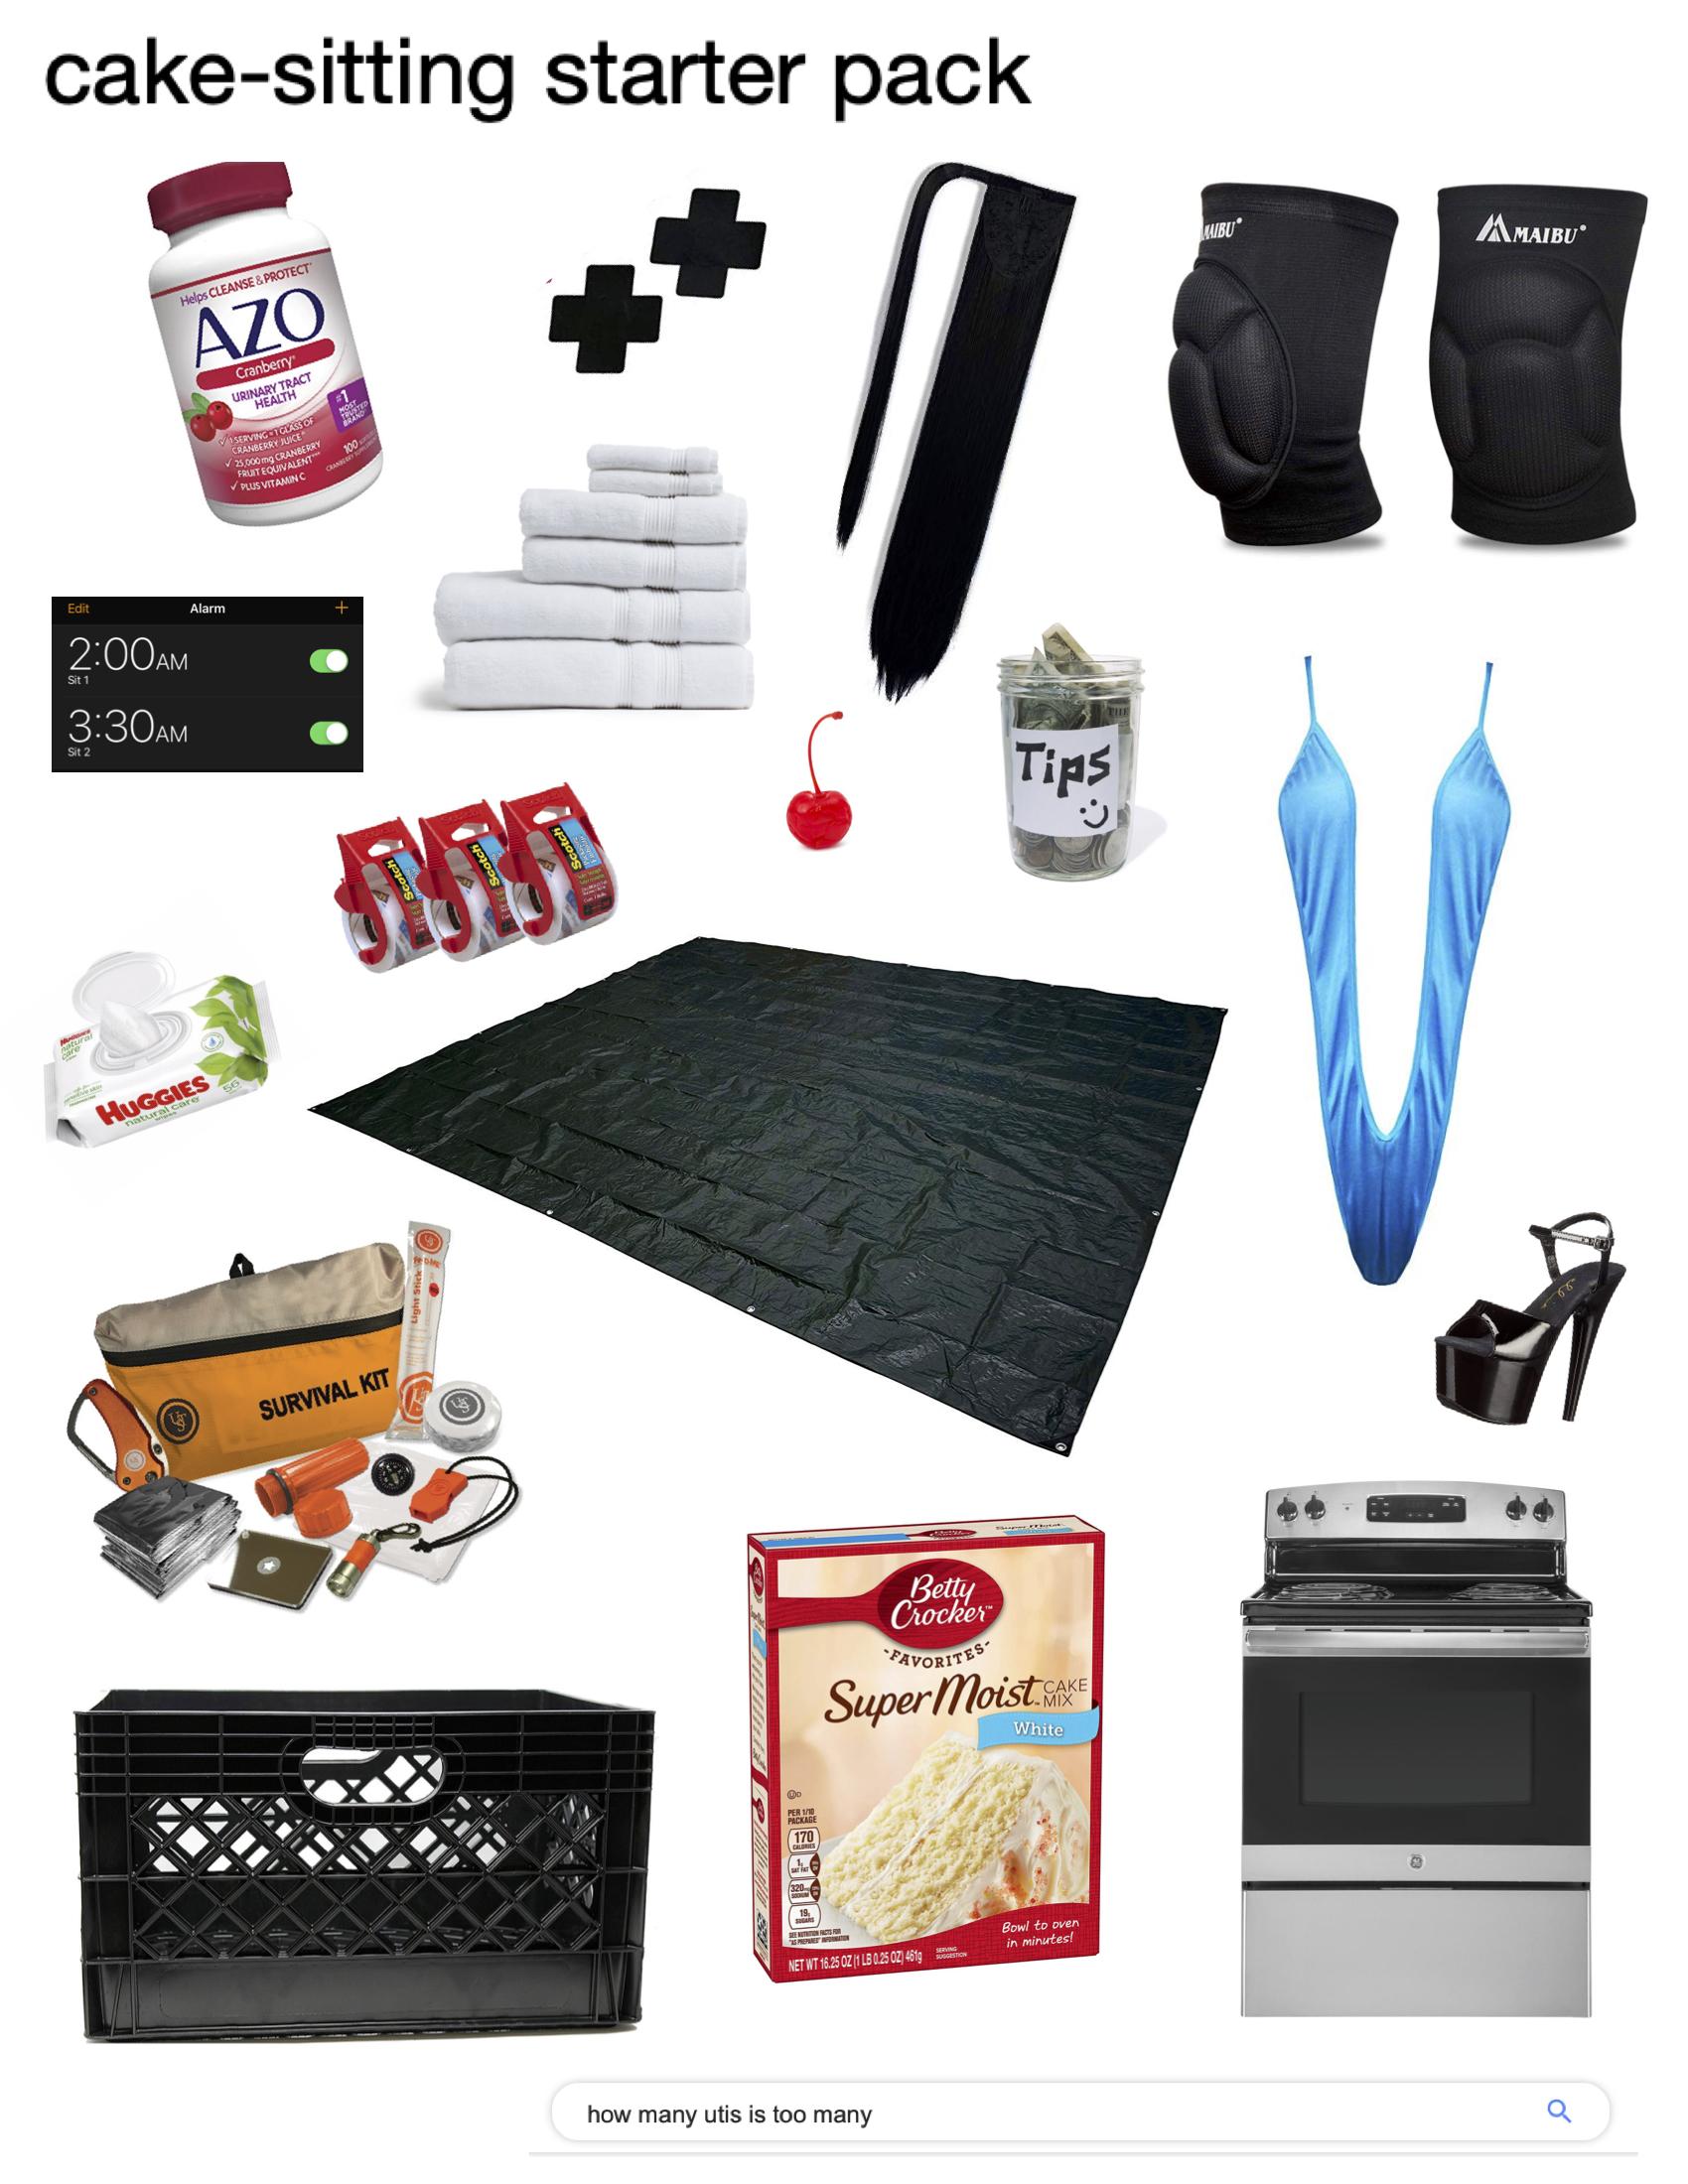 cakesitting-starterpack.jpg